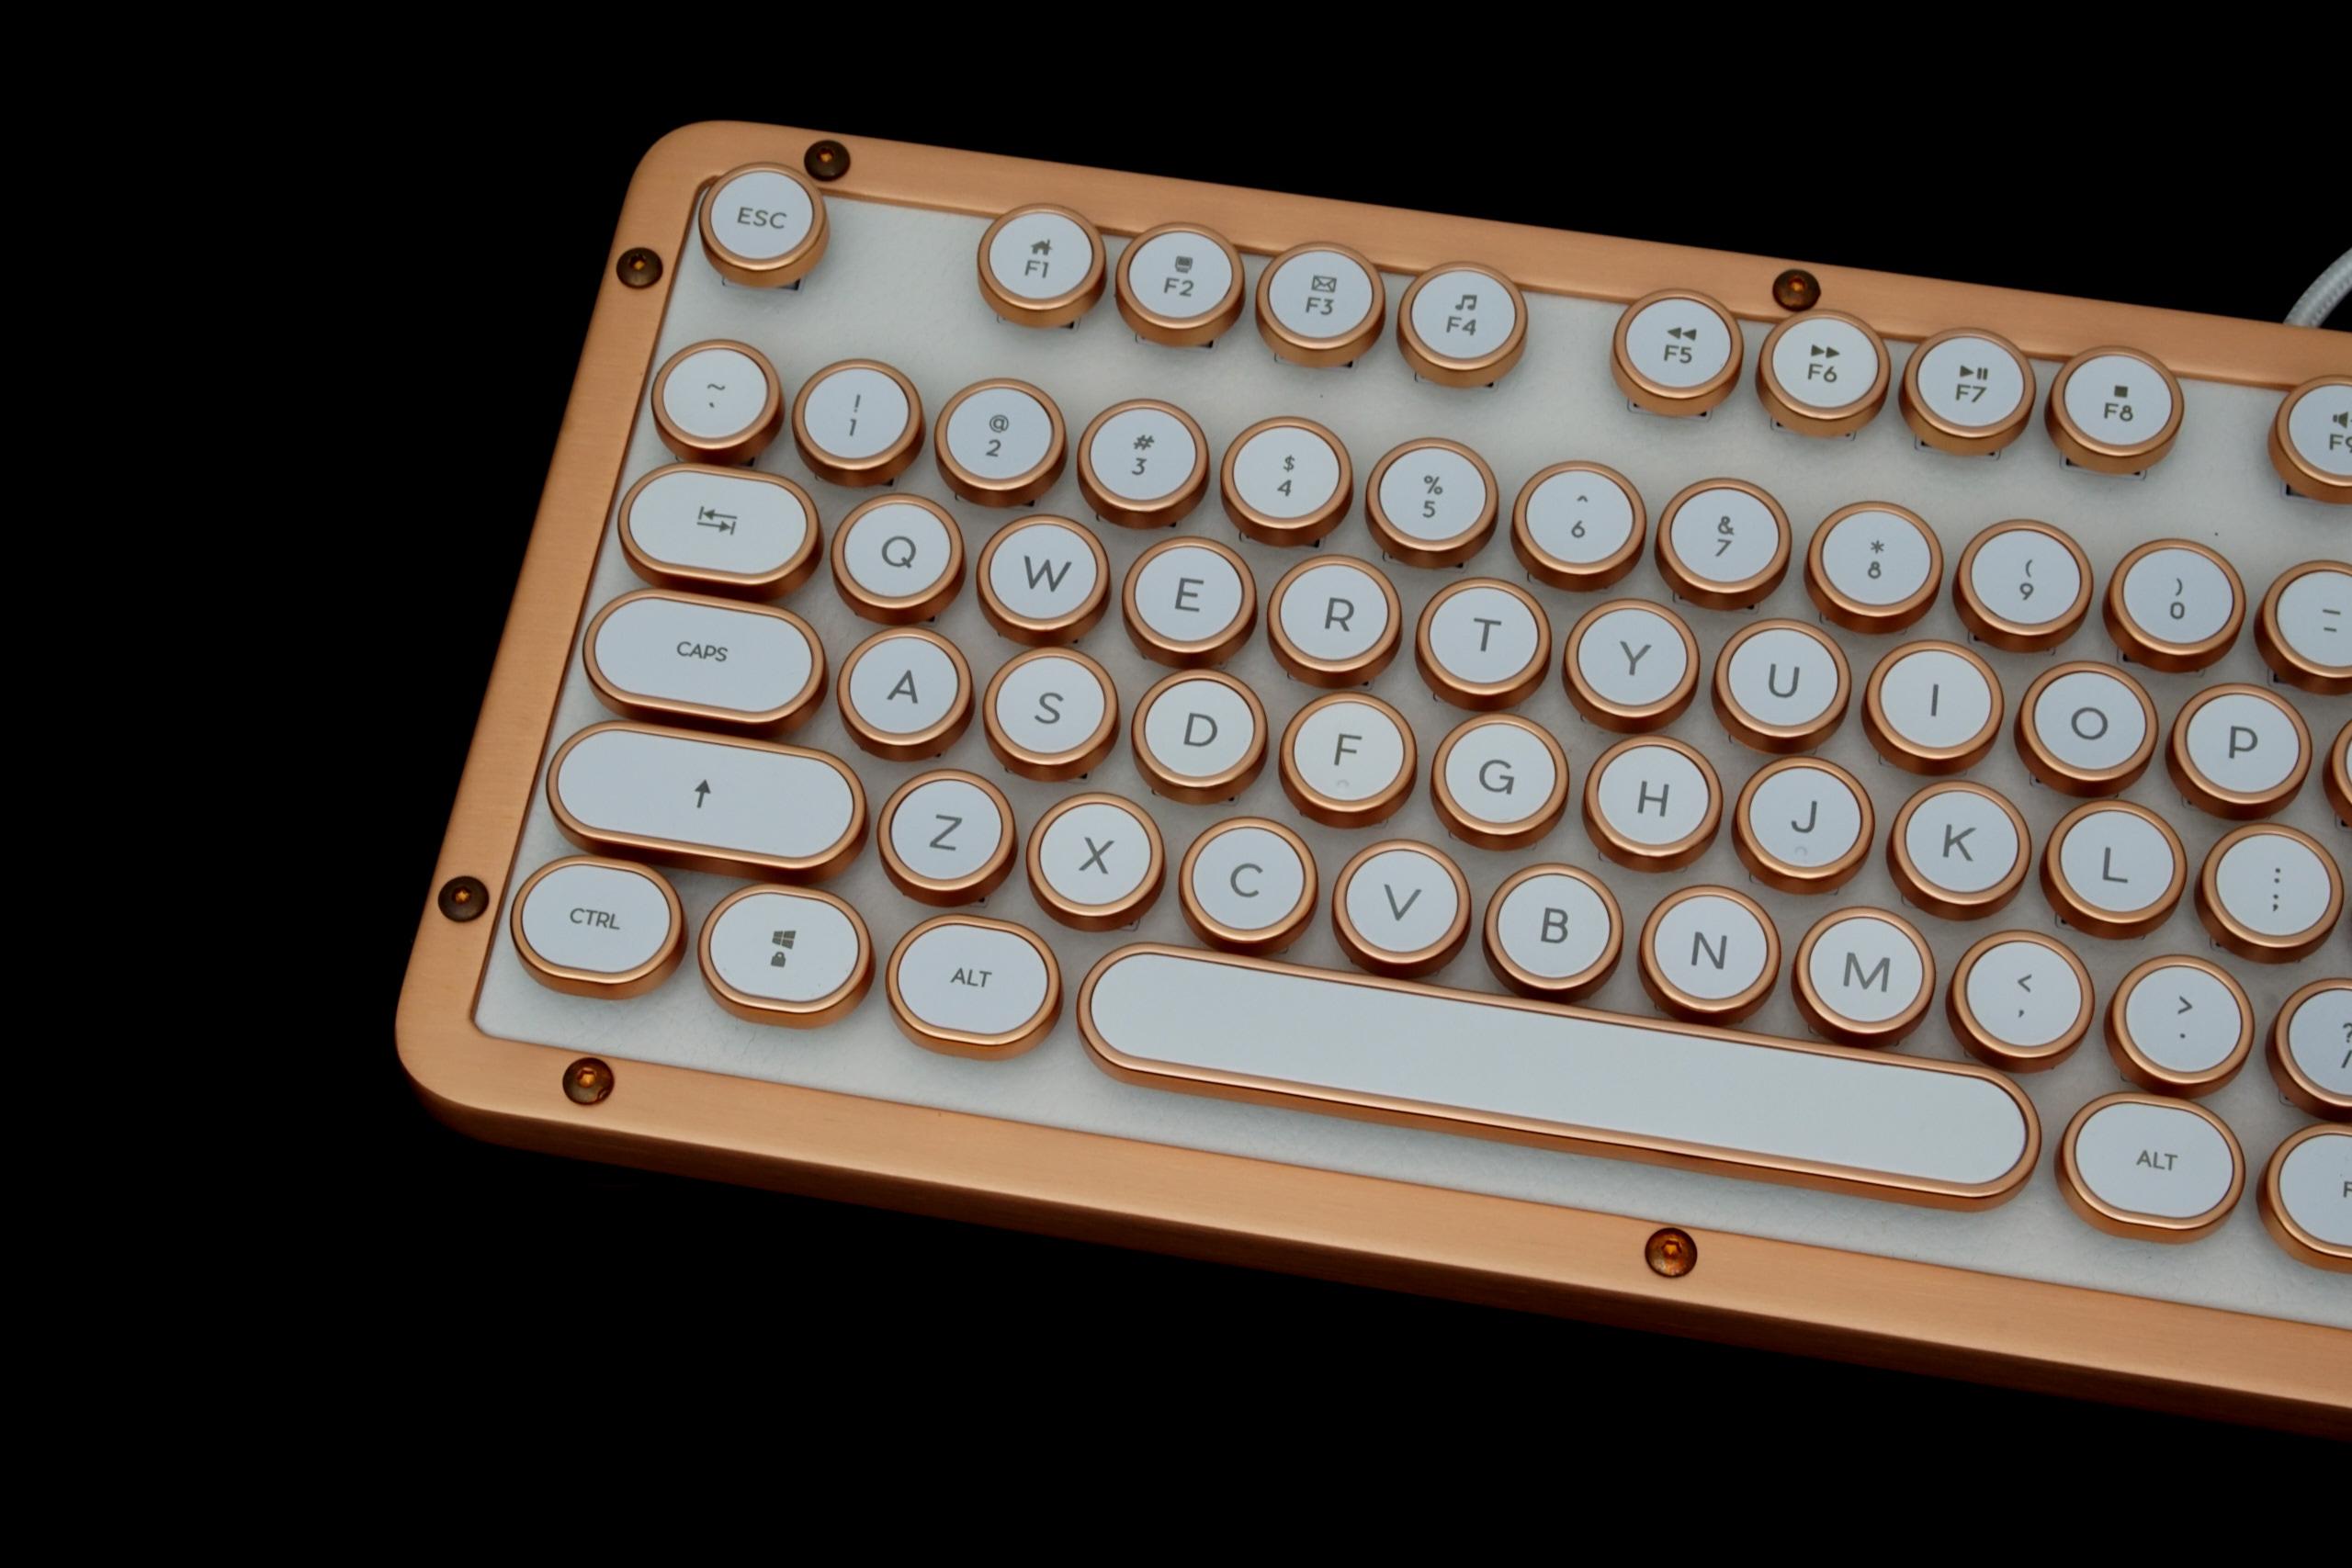 The Azio Retro Classic Mechanical Keyboard - The Azio Retro